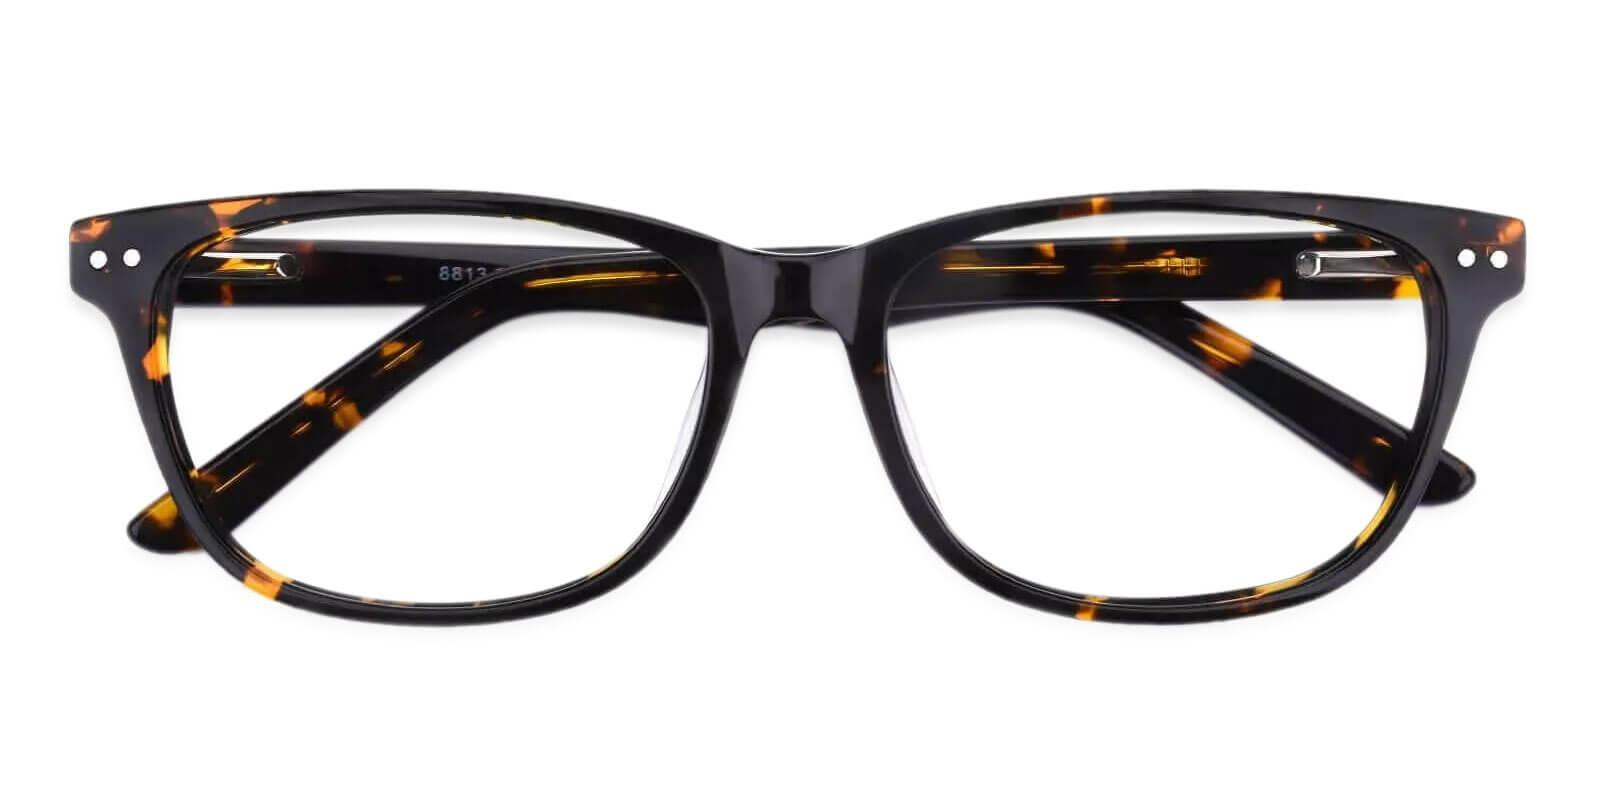 Alta Tortoise Acetate Eyeglasses , SpringHinges , UniversalBridgeFit Frames from ABBE Glasses